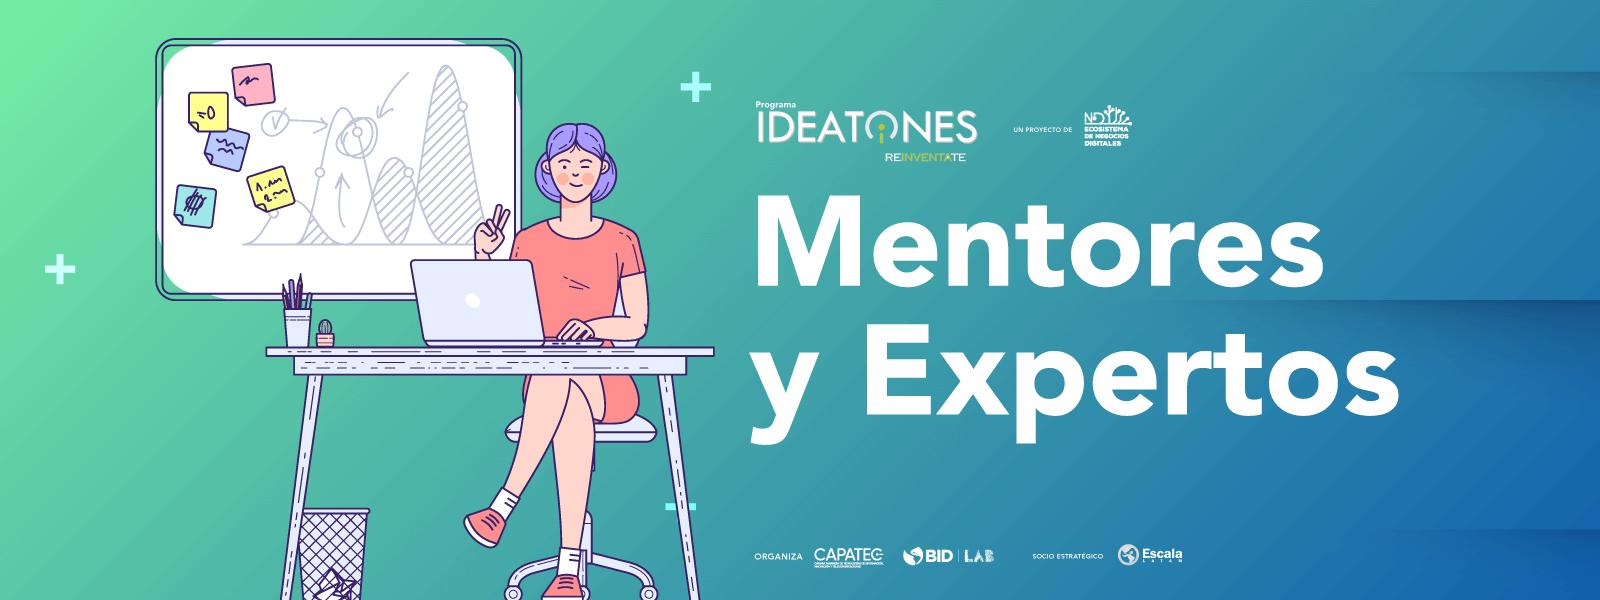 MENTORES Y EXPERTOS IDEATONES